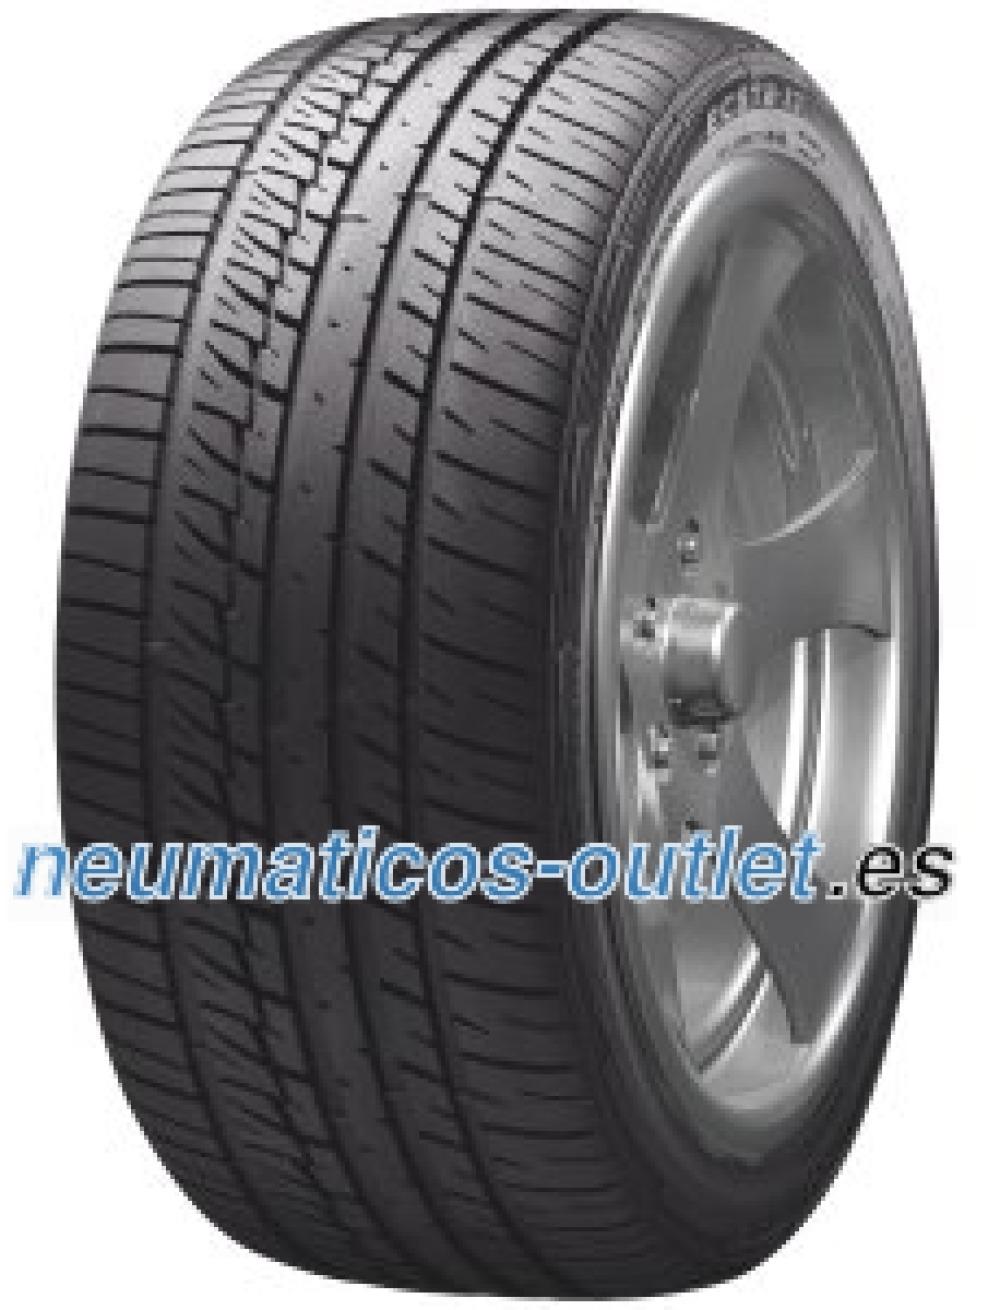 Kumho Ecsta X3 KL17 ( 255/55 R18 109W XL )